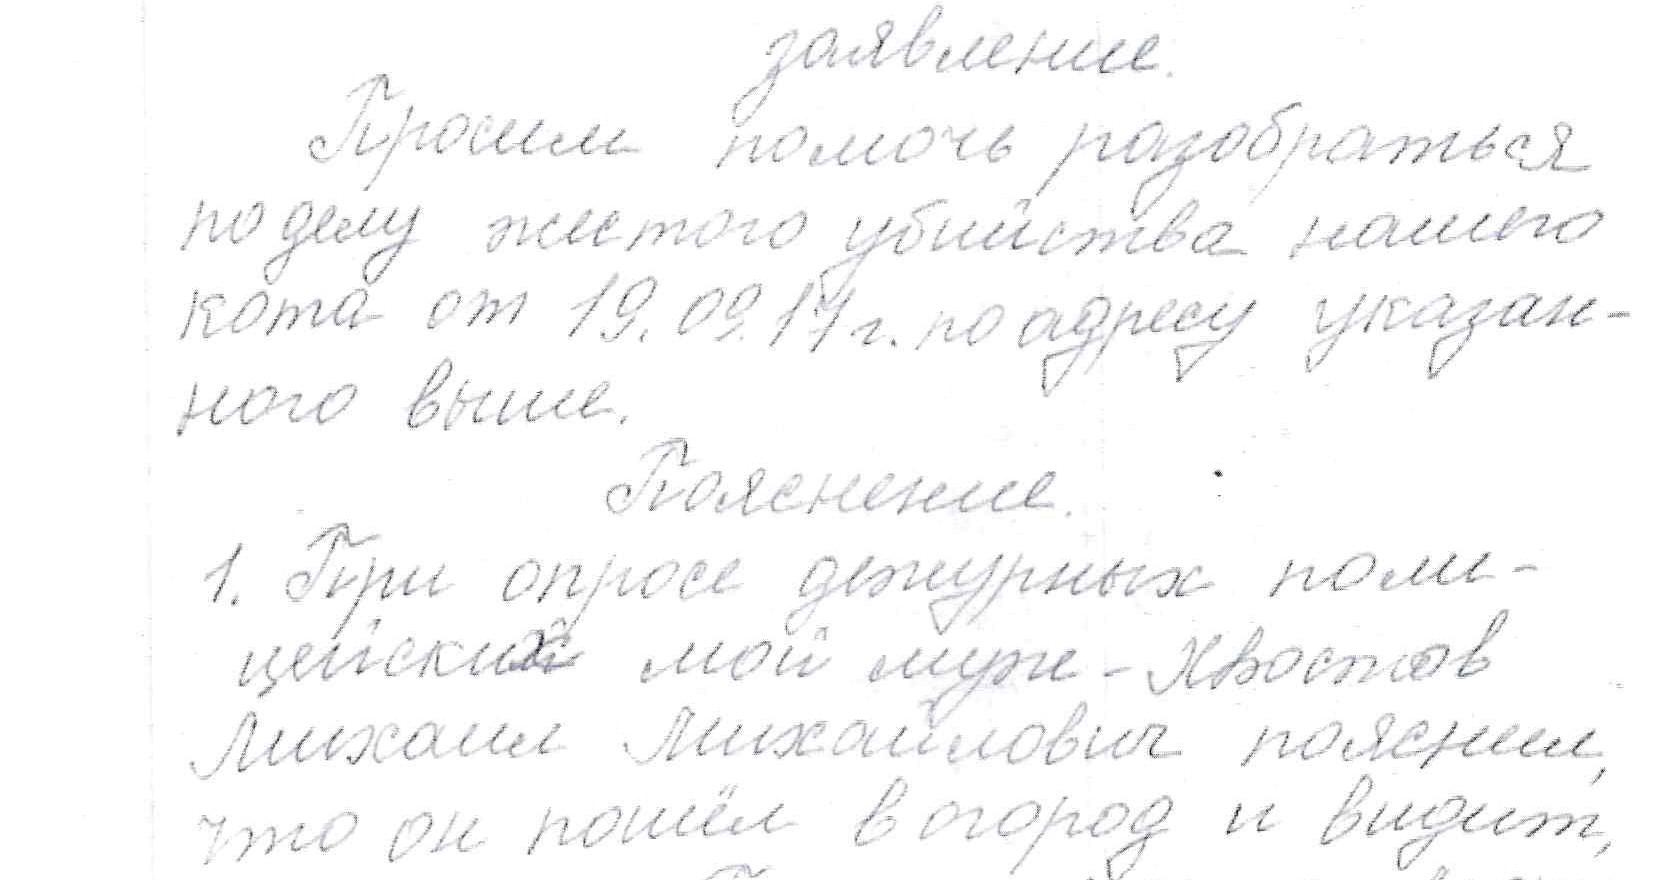 Обращение в Зооправо (фото)_Страница_1.j